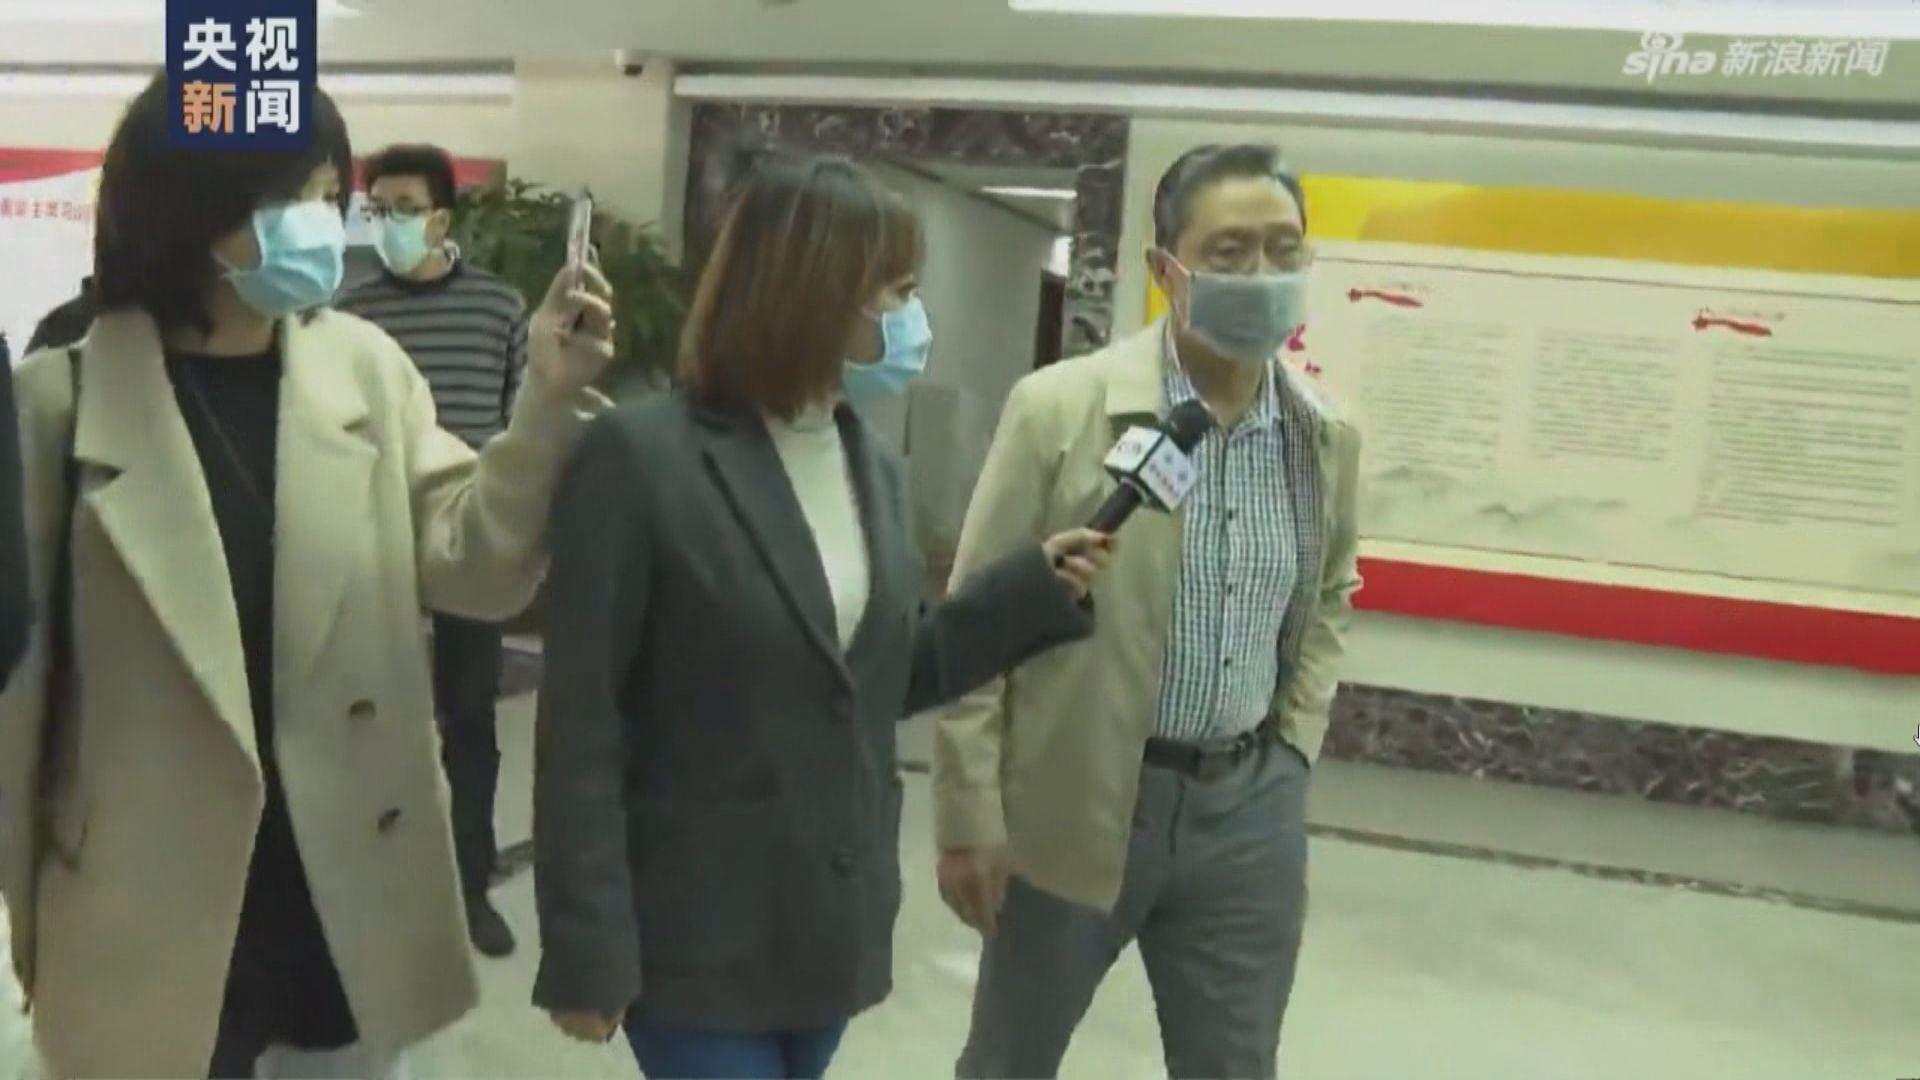 鍾南山:要注意糞便傳染的可能性